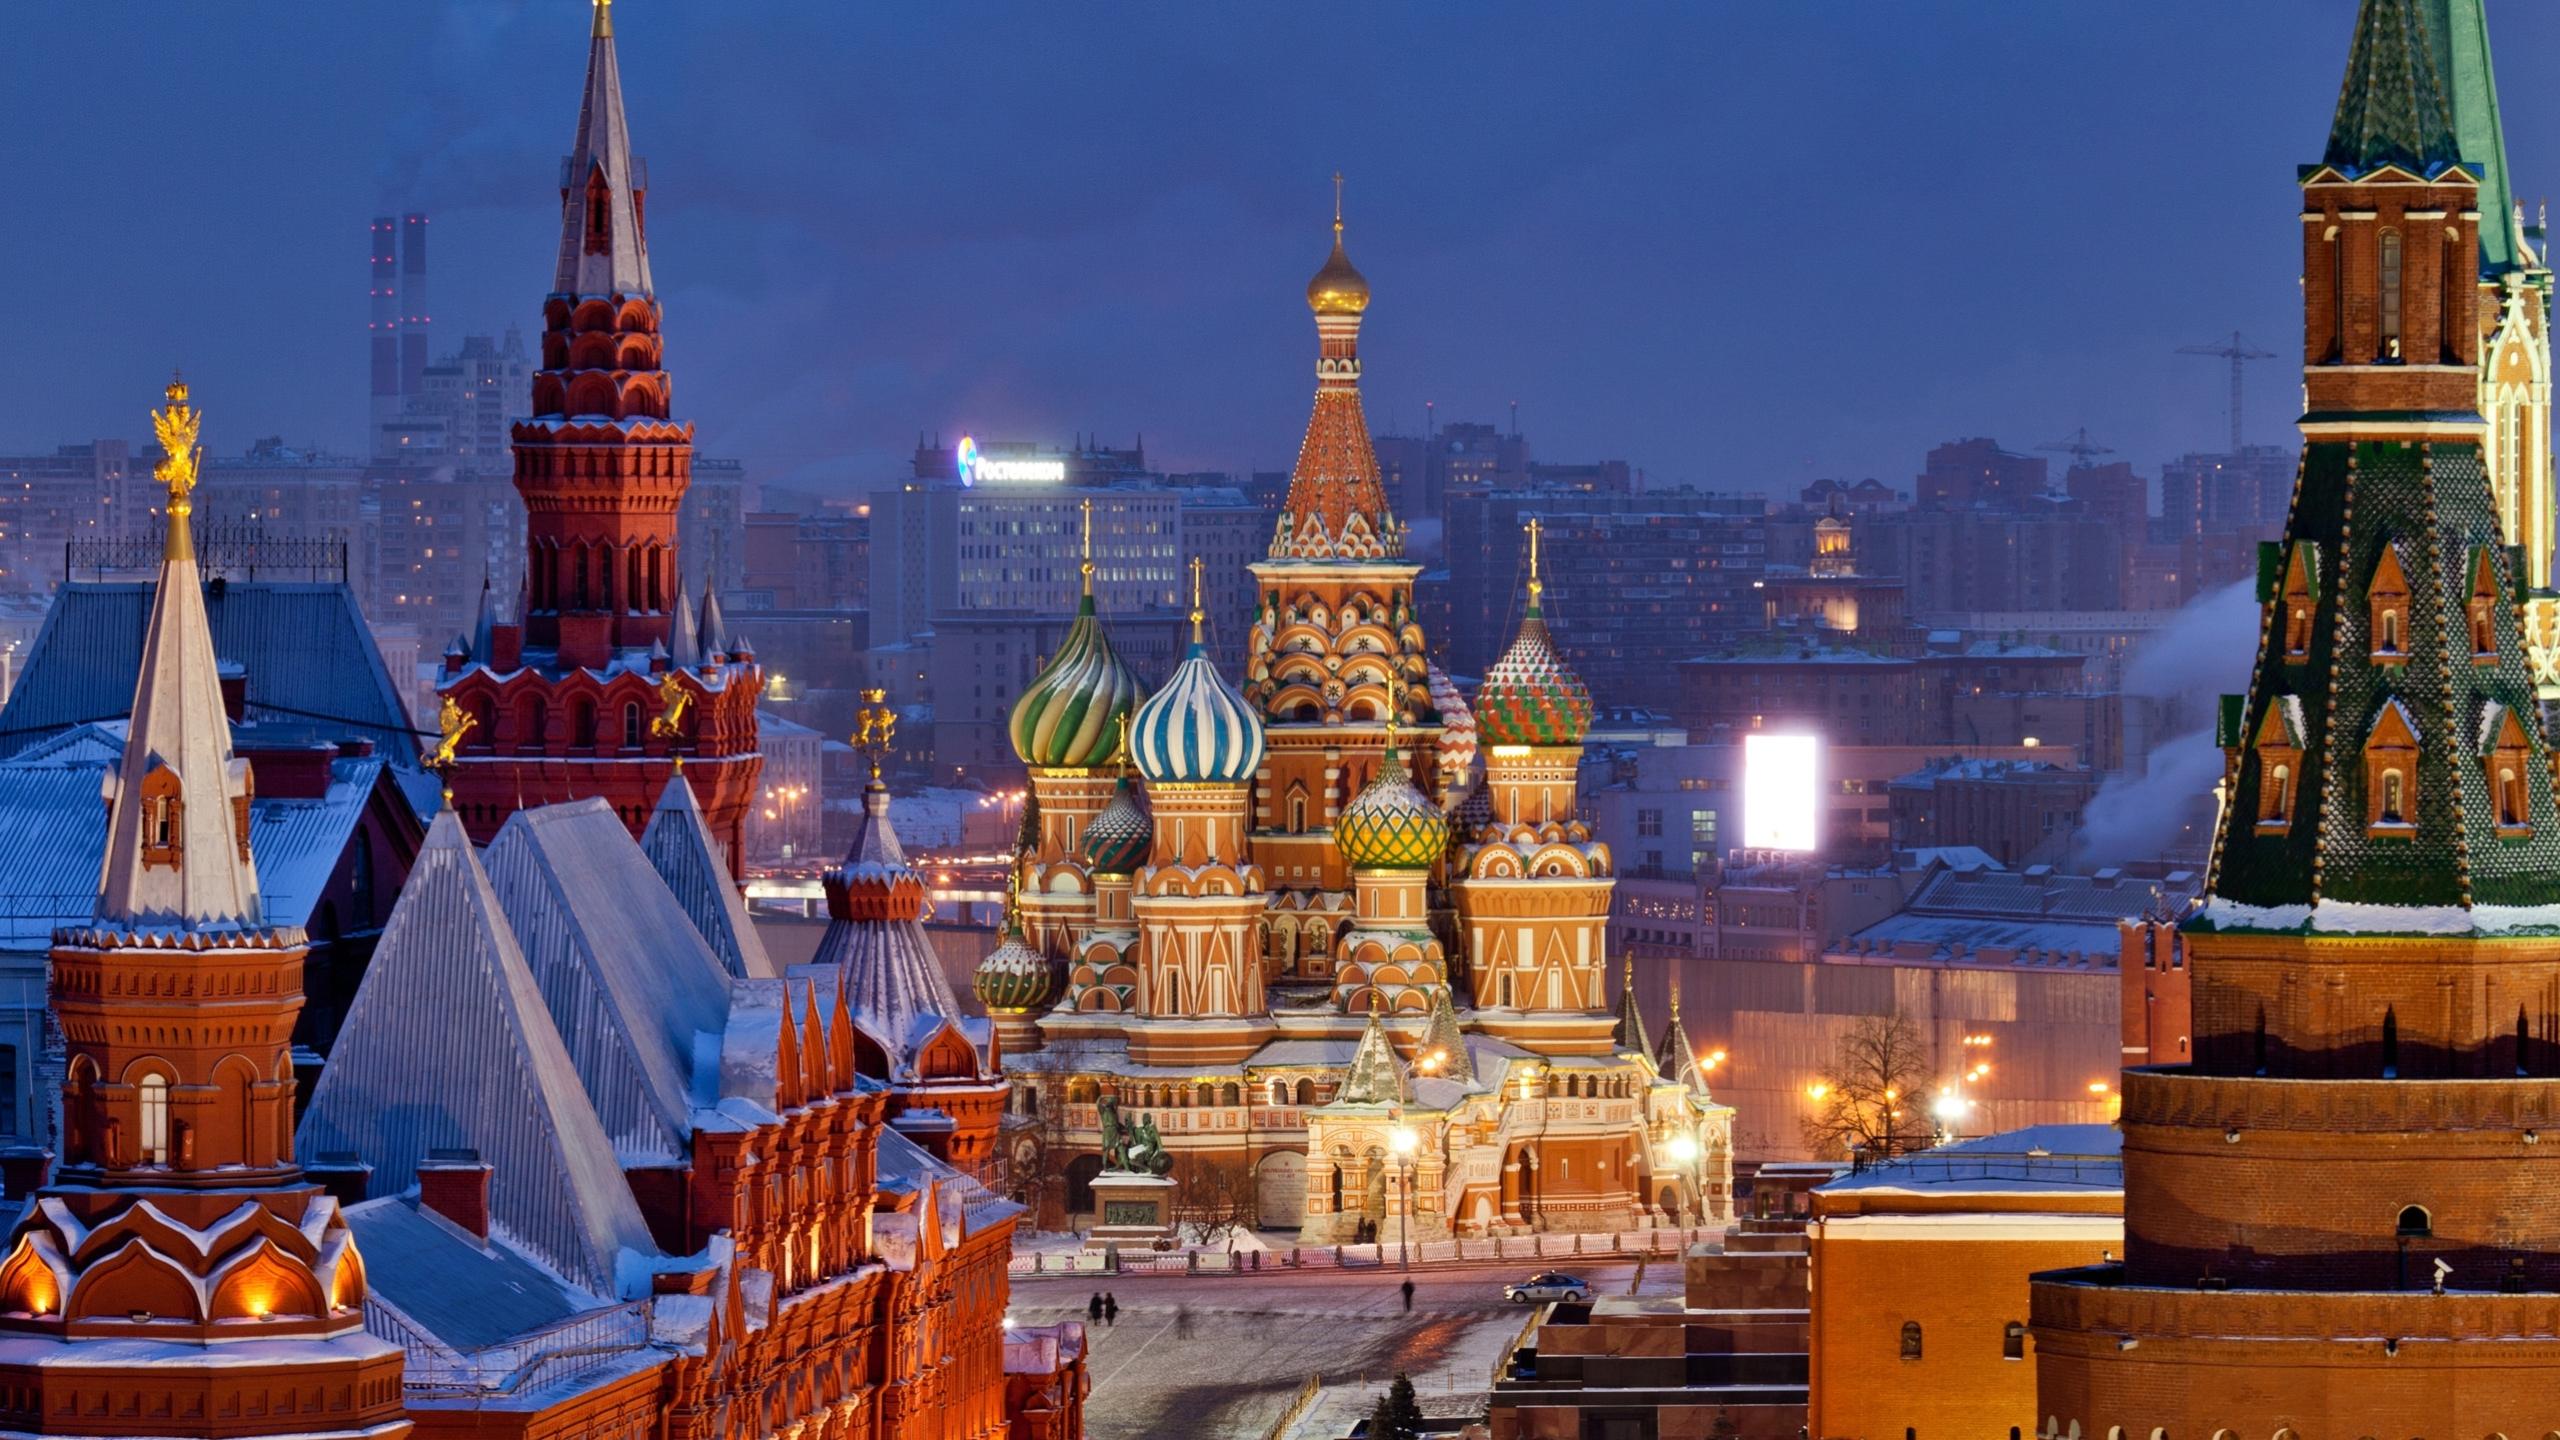 Красивые фото москвы в хорошем качестве обои для рабочего стола